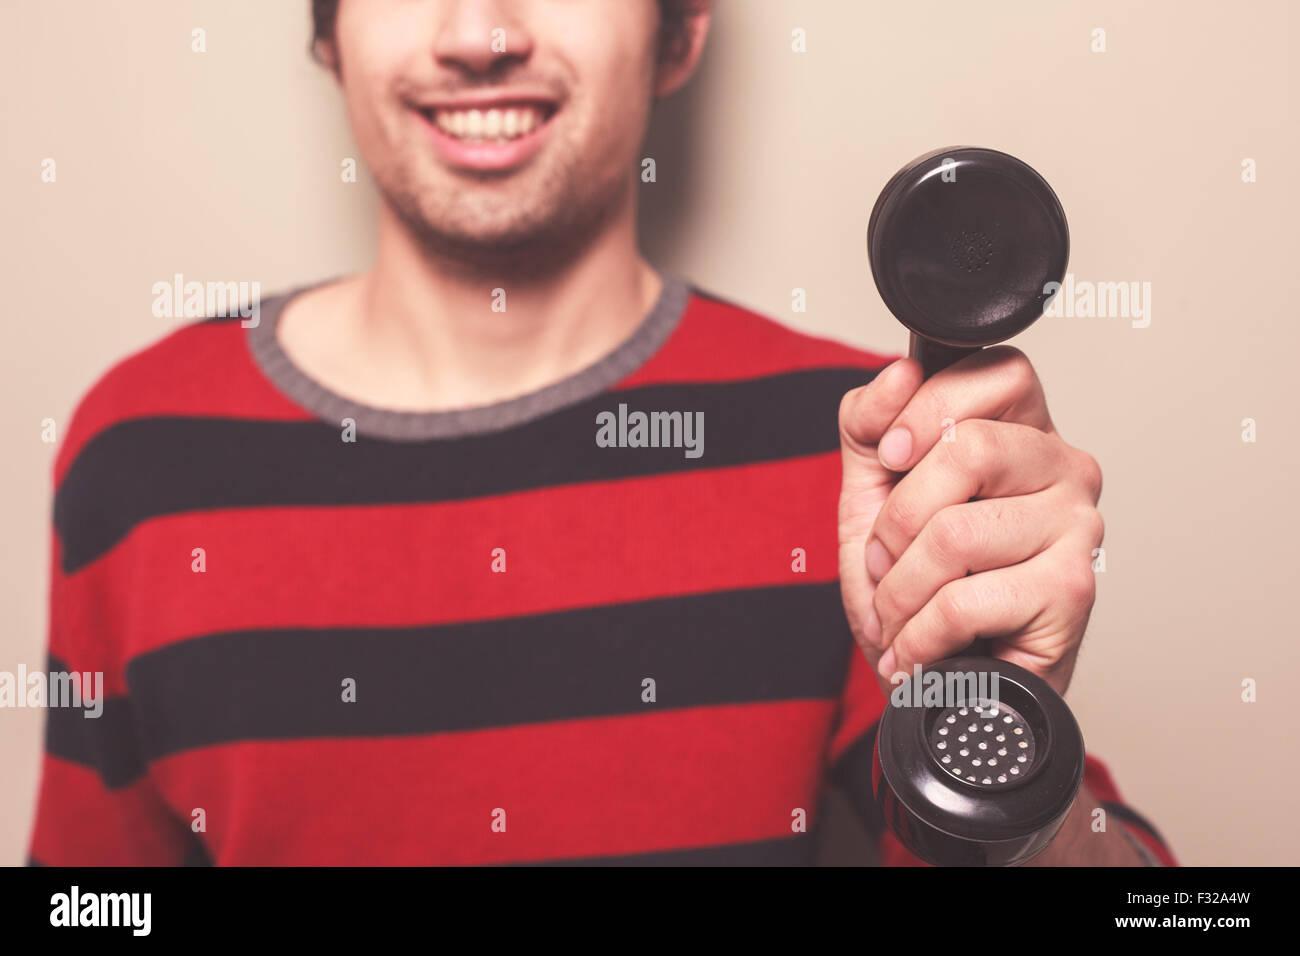 Ein glücklicher junger Mann hält einen Telefonhörer Stockbild